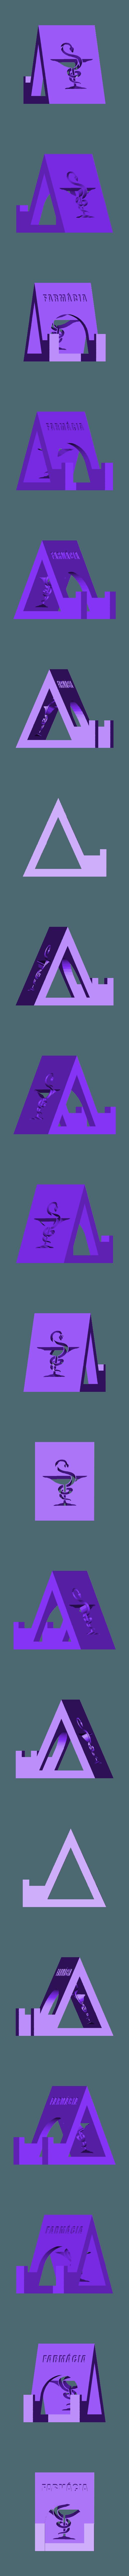 FARMACIA.STL Télécharger fichier STL gratuit Cours de pharmacie de soutien par téléphone portable - Suporte para celular Farmácia • Objet à imprimer en 3D, fabiomingori